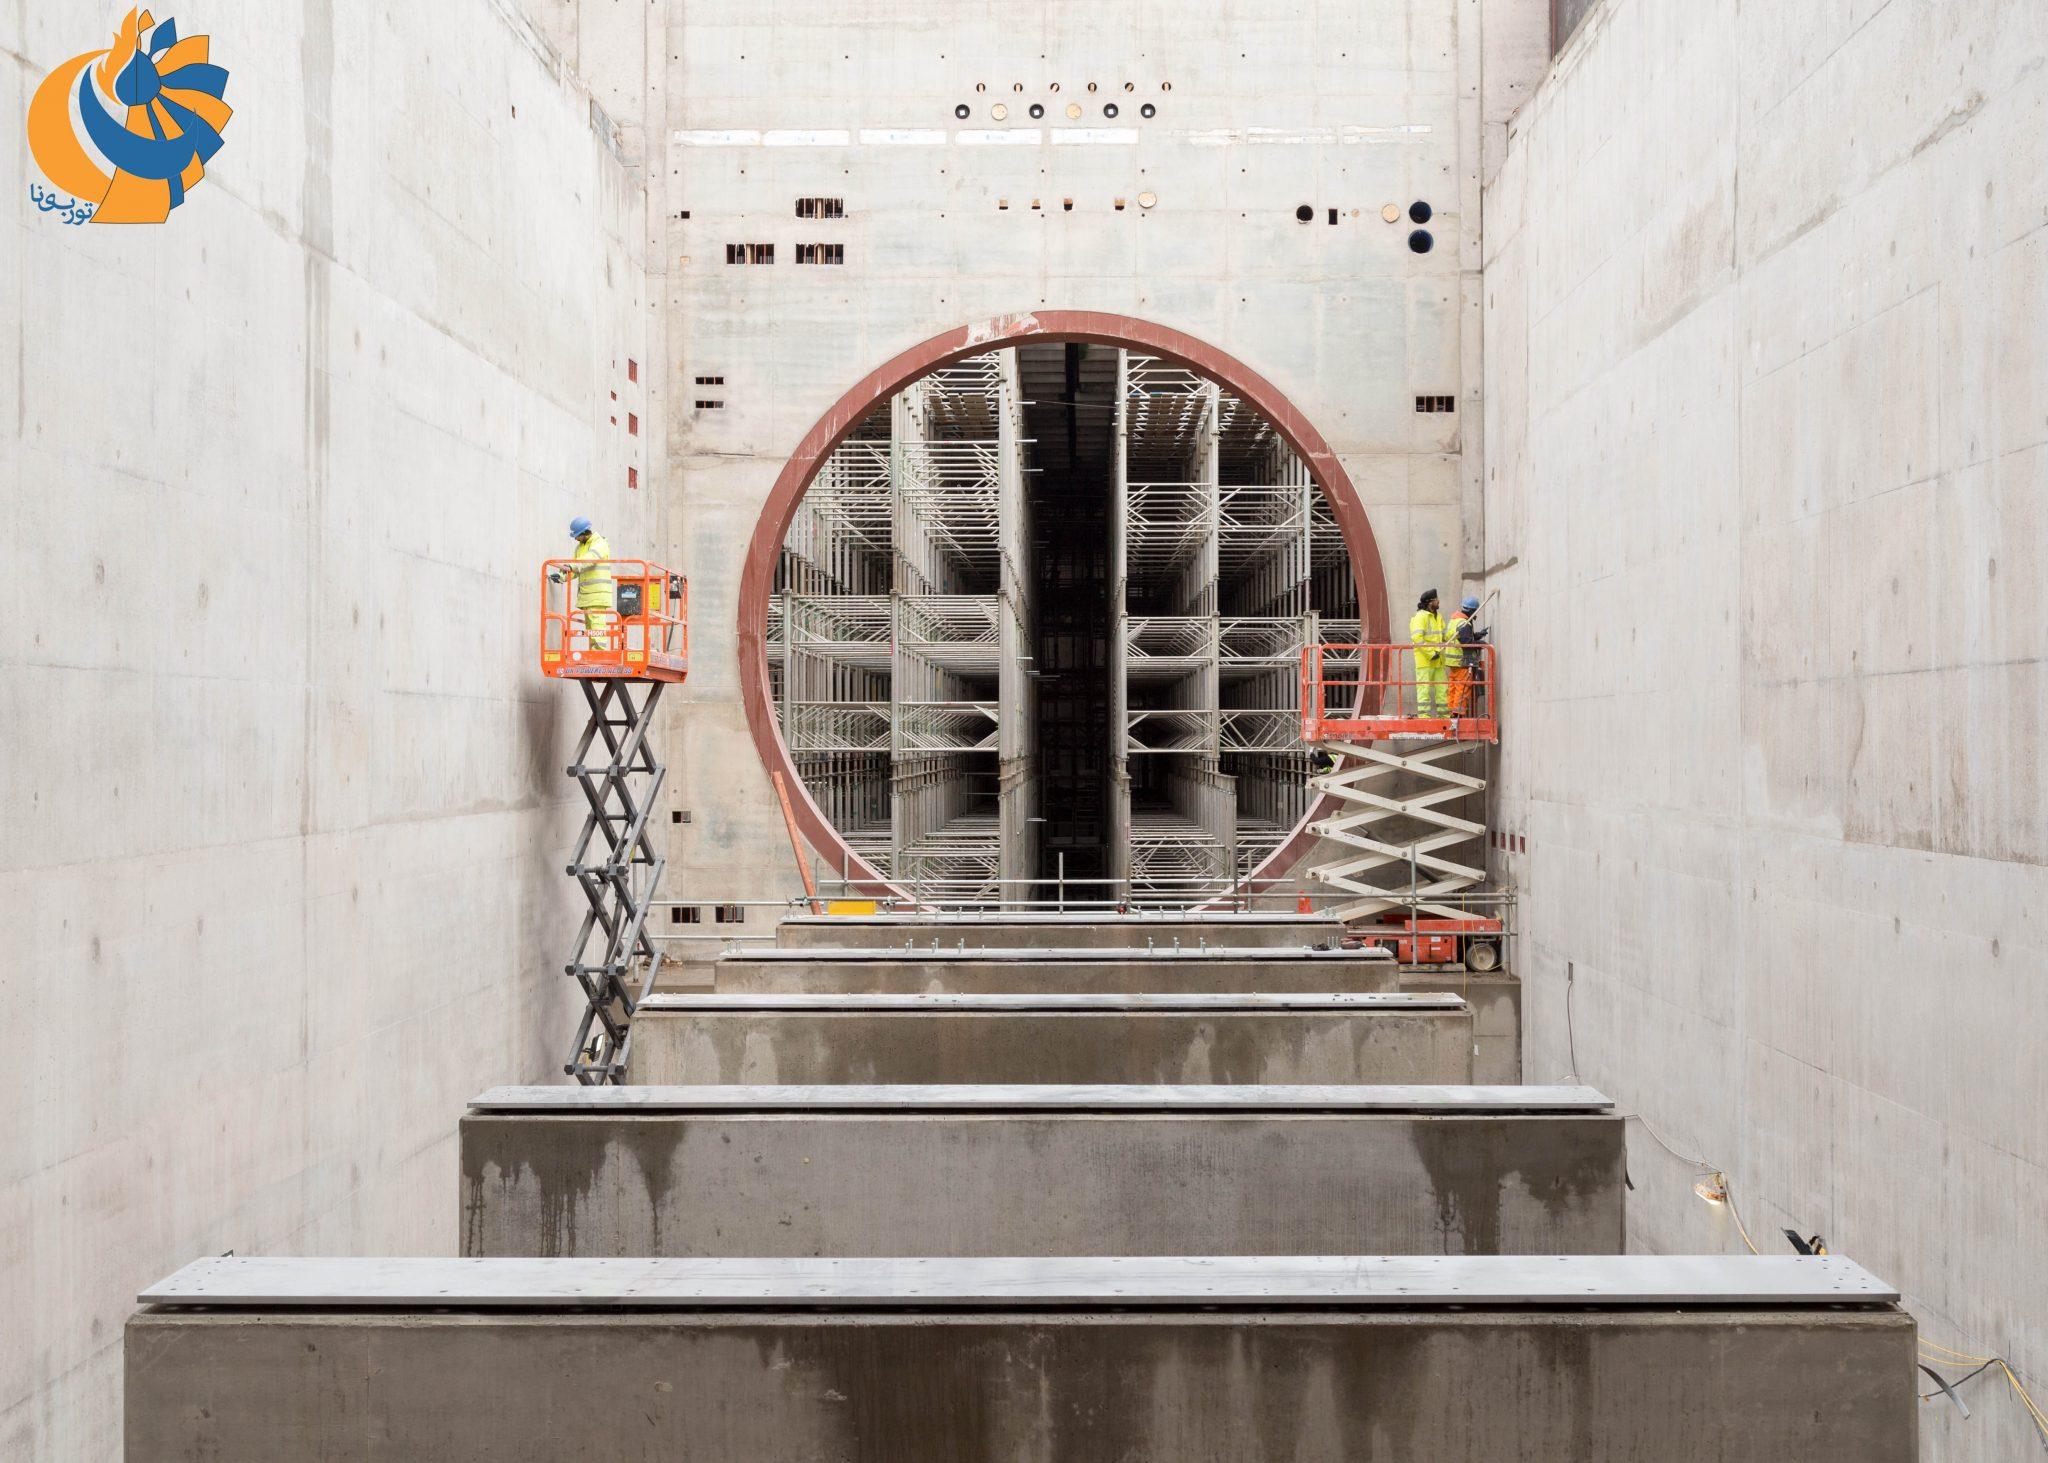 ساخت بزرگترین سلول تست موتورهای هوایی جهان در انگلستان